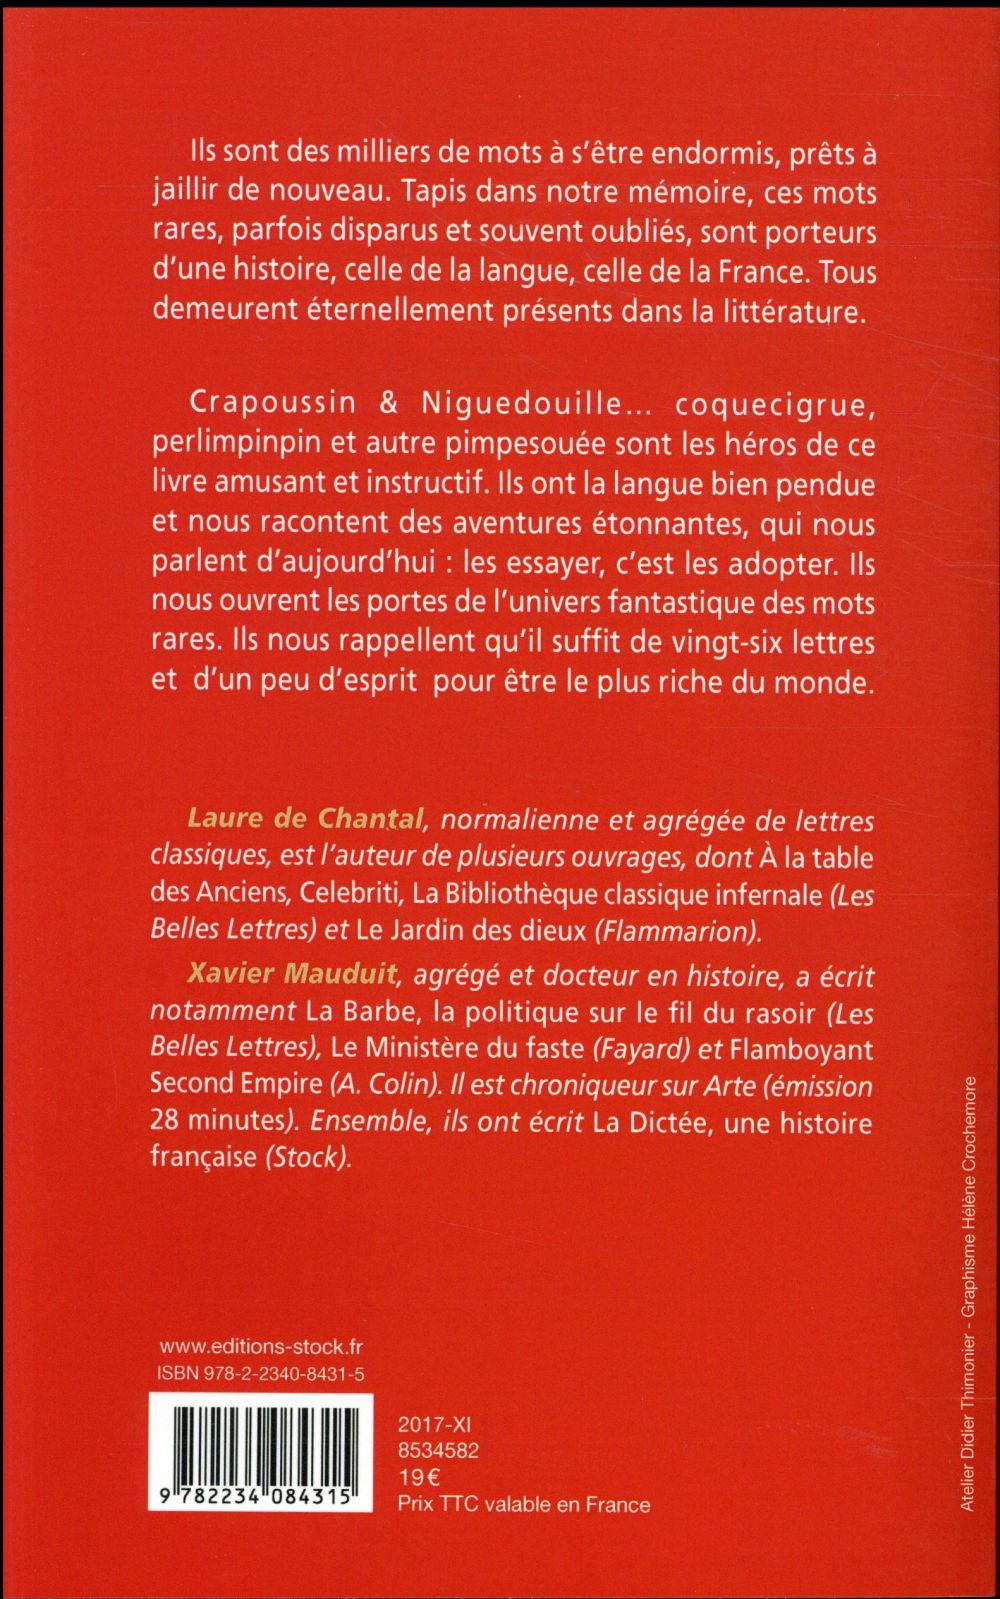 Crapoussin & Niguedouille ; la belle histoire des mots endormis